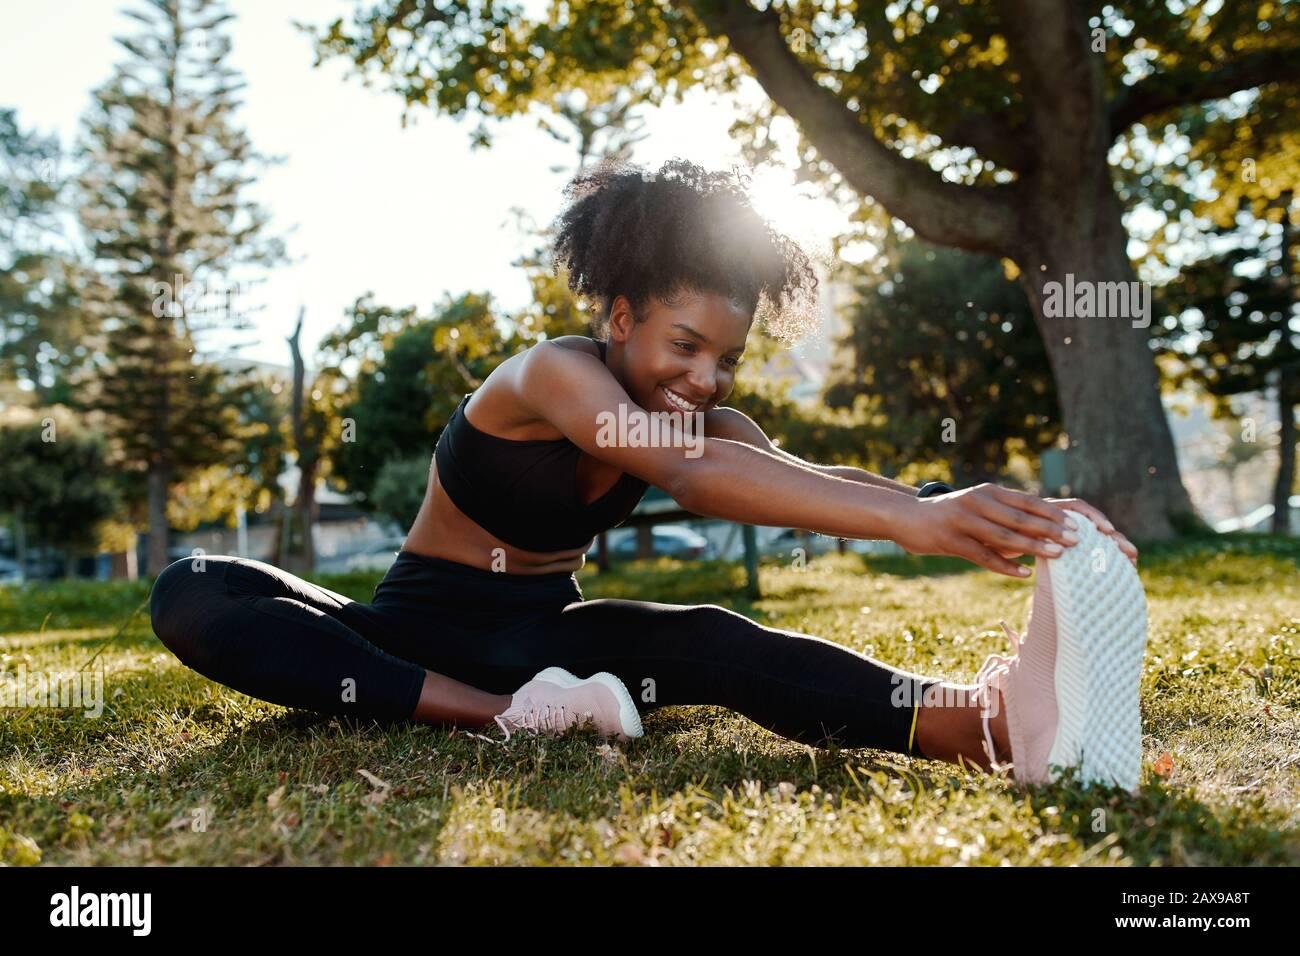 Ritratto sorridente di una giovane donna afroamericana sportiva seduta sul prato che allunga le gambe nel parco - giovane donna nera felice che si riscalda Foto Stock